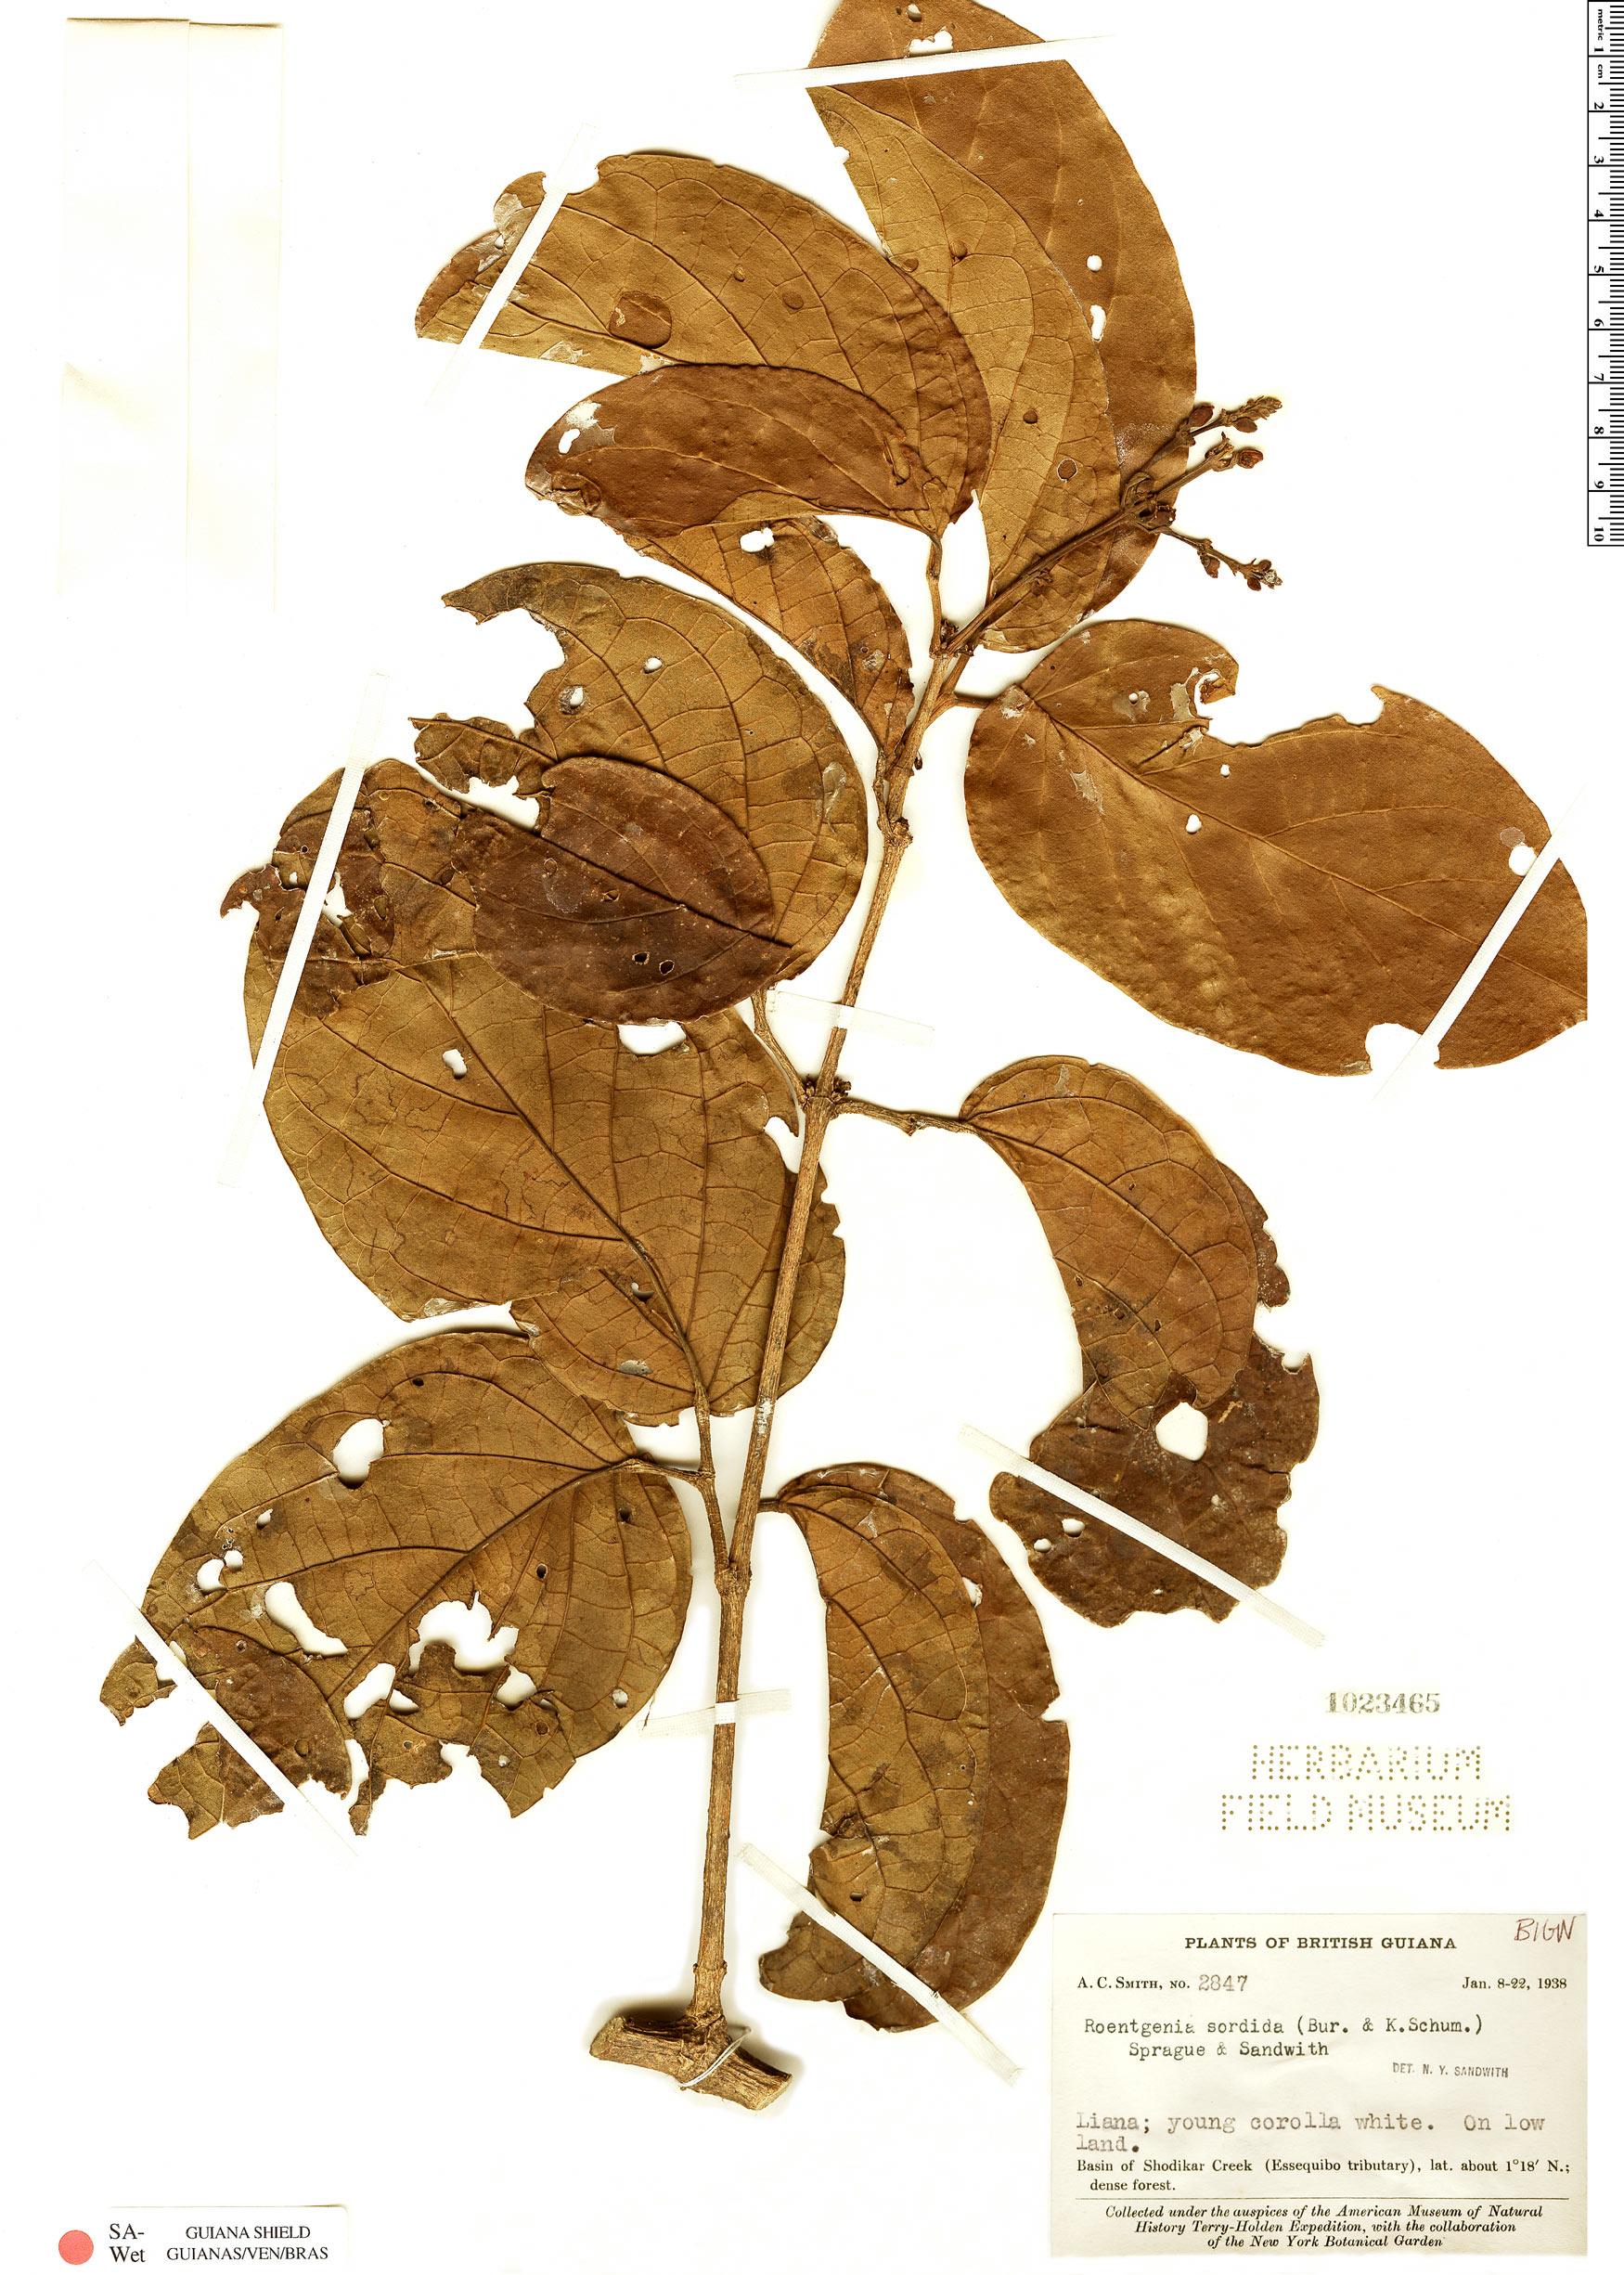 Espécime: Bignonia sordida